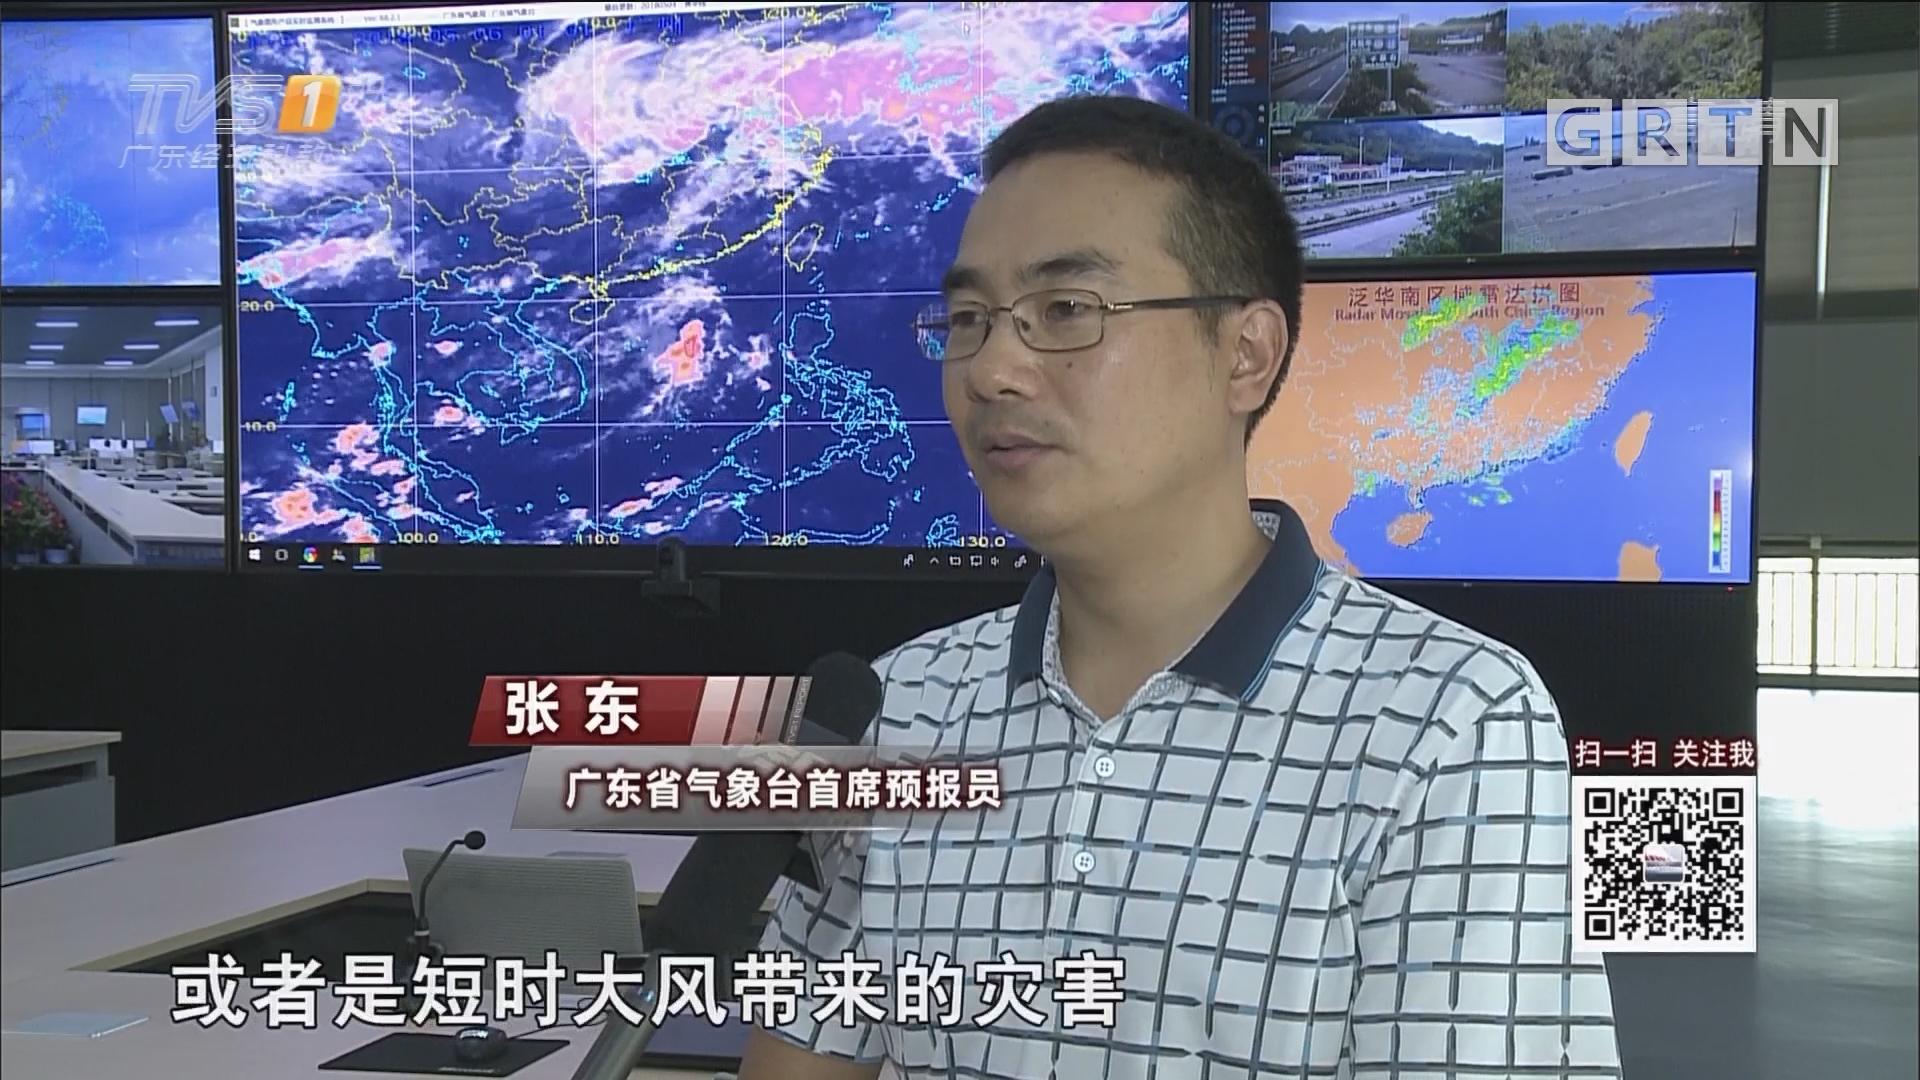 雨雨雨!广州进入短时强降雨高发季